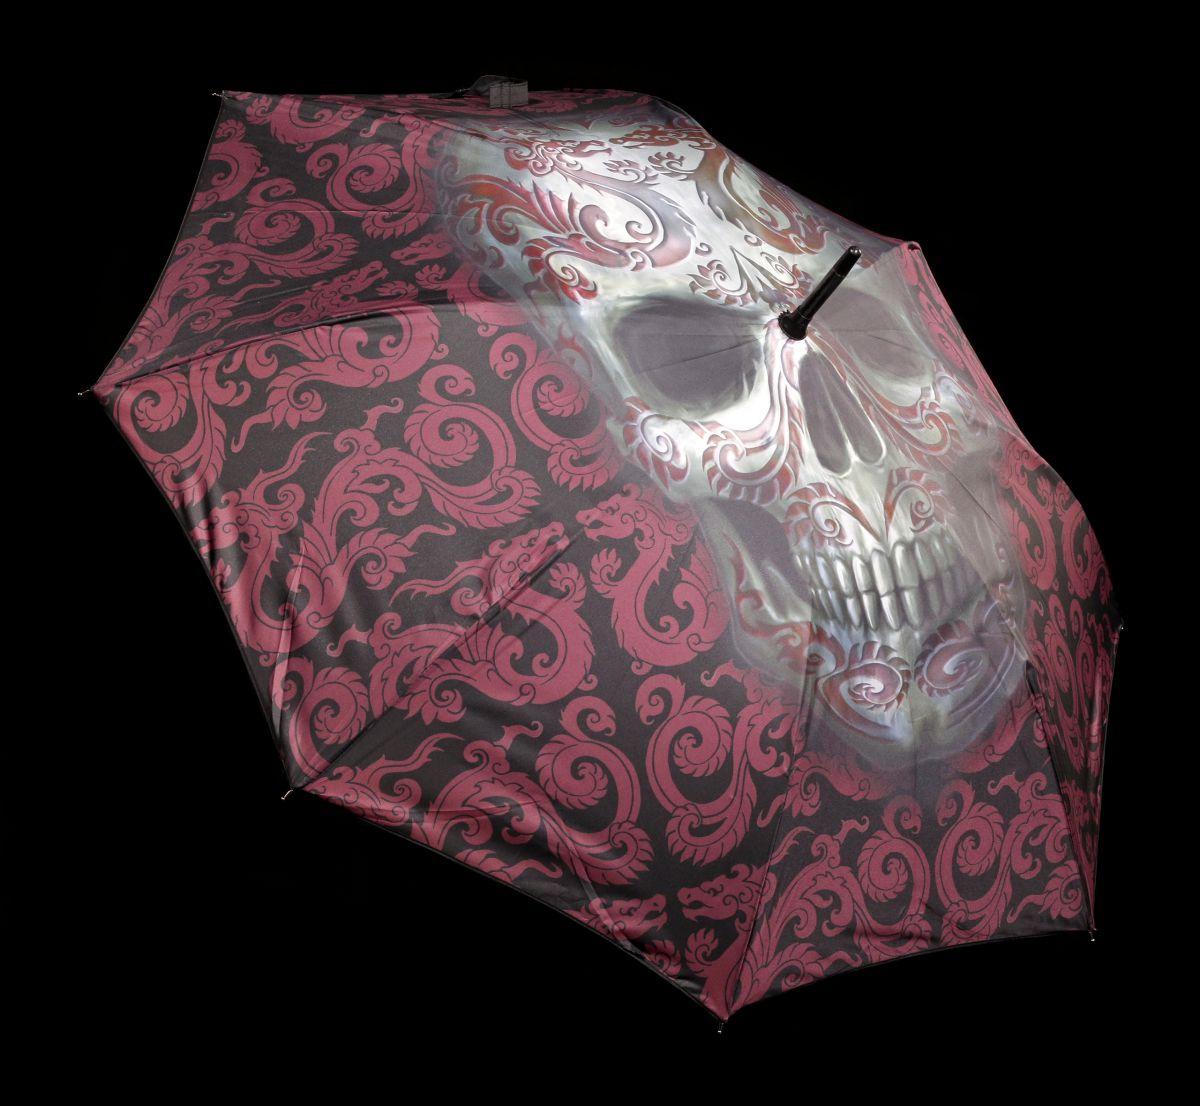 Tete de mort parapluie-Oriental skull by Anne stokes-Gothique Fantasy parapluie